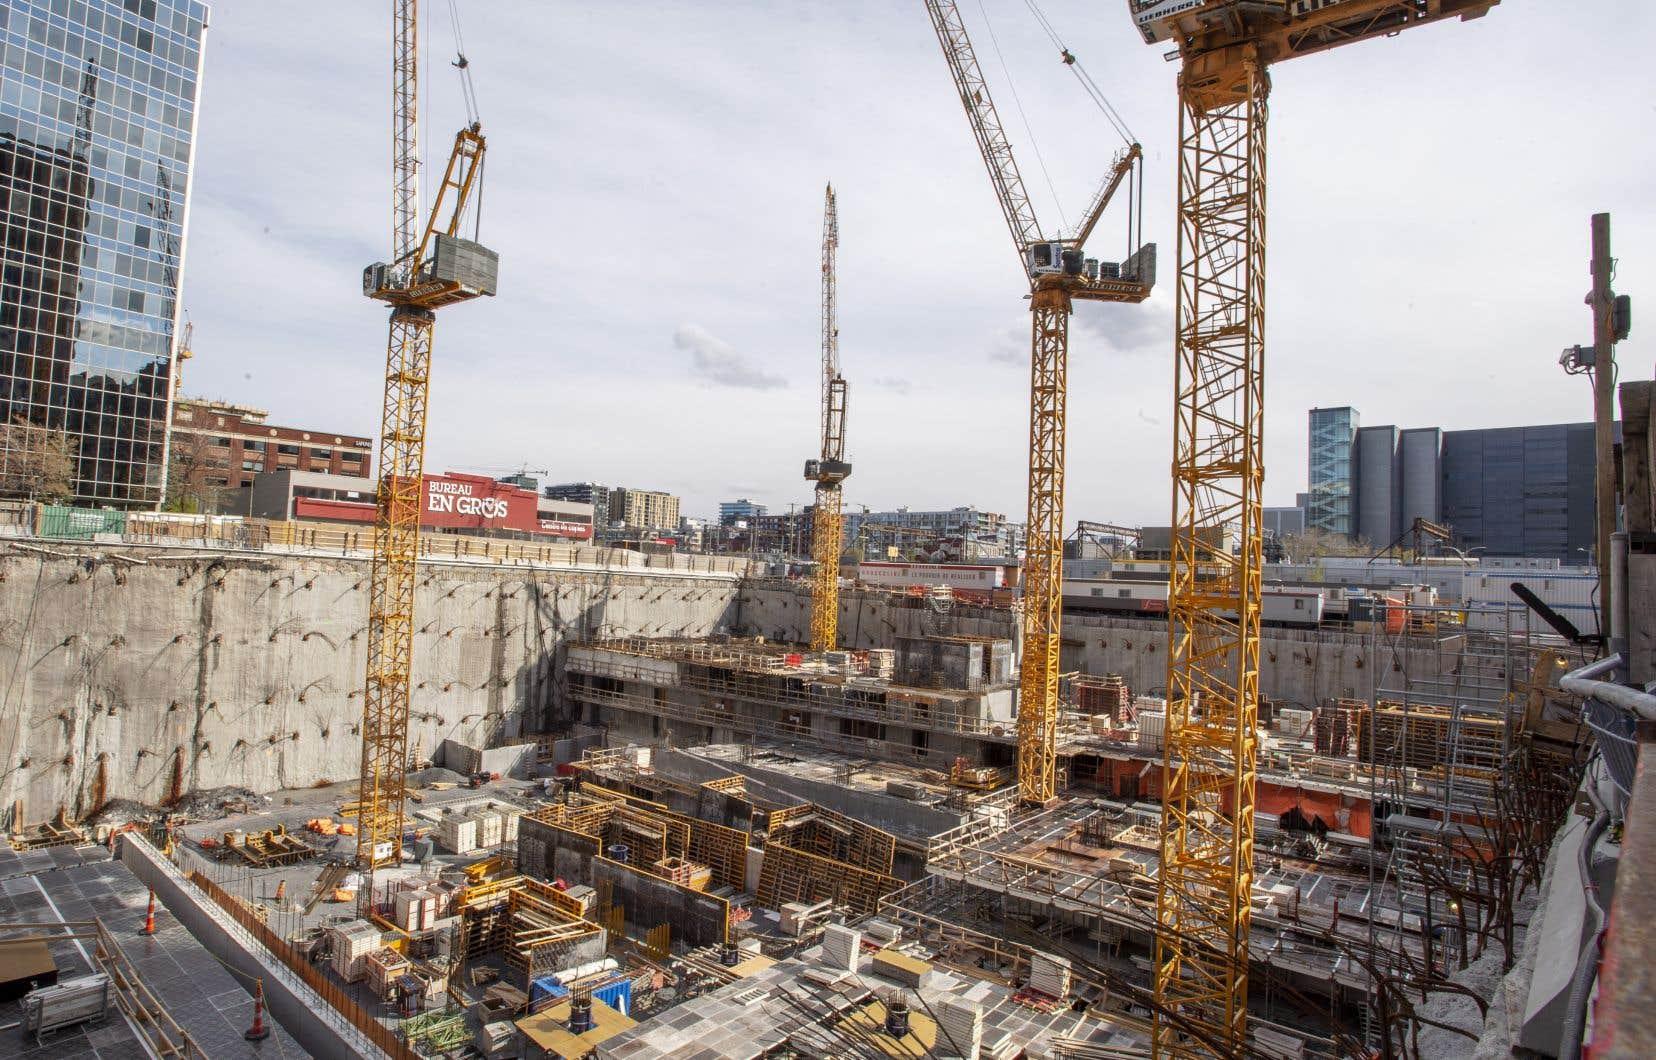 Selon Montréal, le Règlement pour une métropole mixte augmenterait de 0,8 à 1,9% les coûts de construction des projets immobiliers.